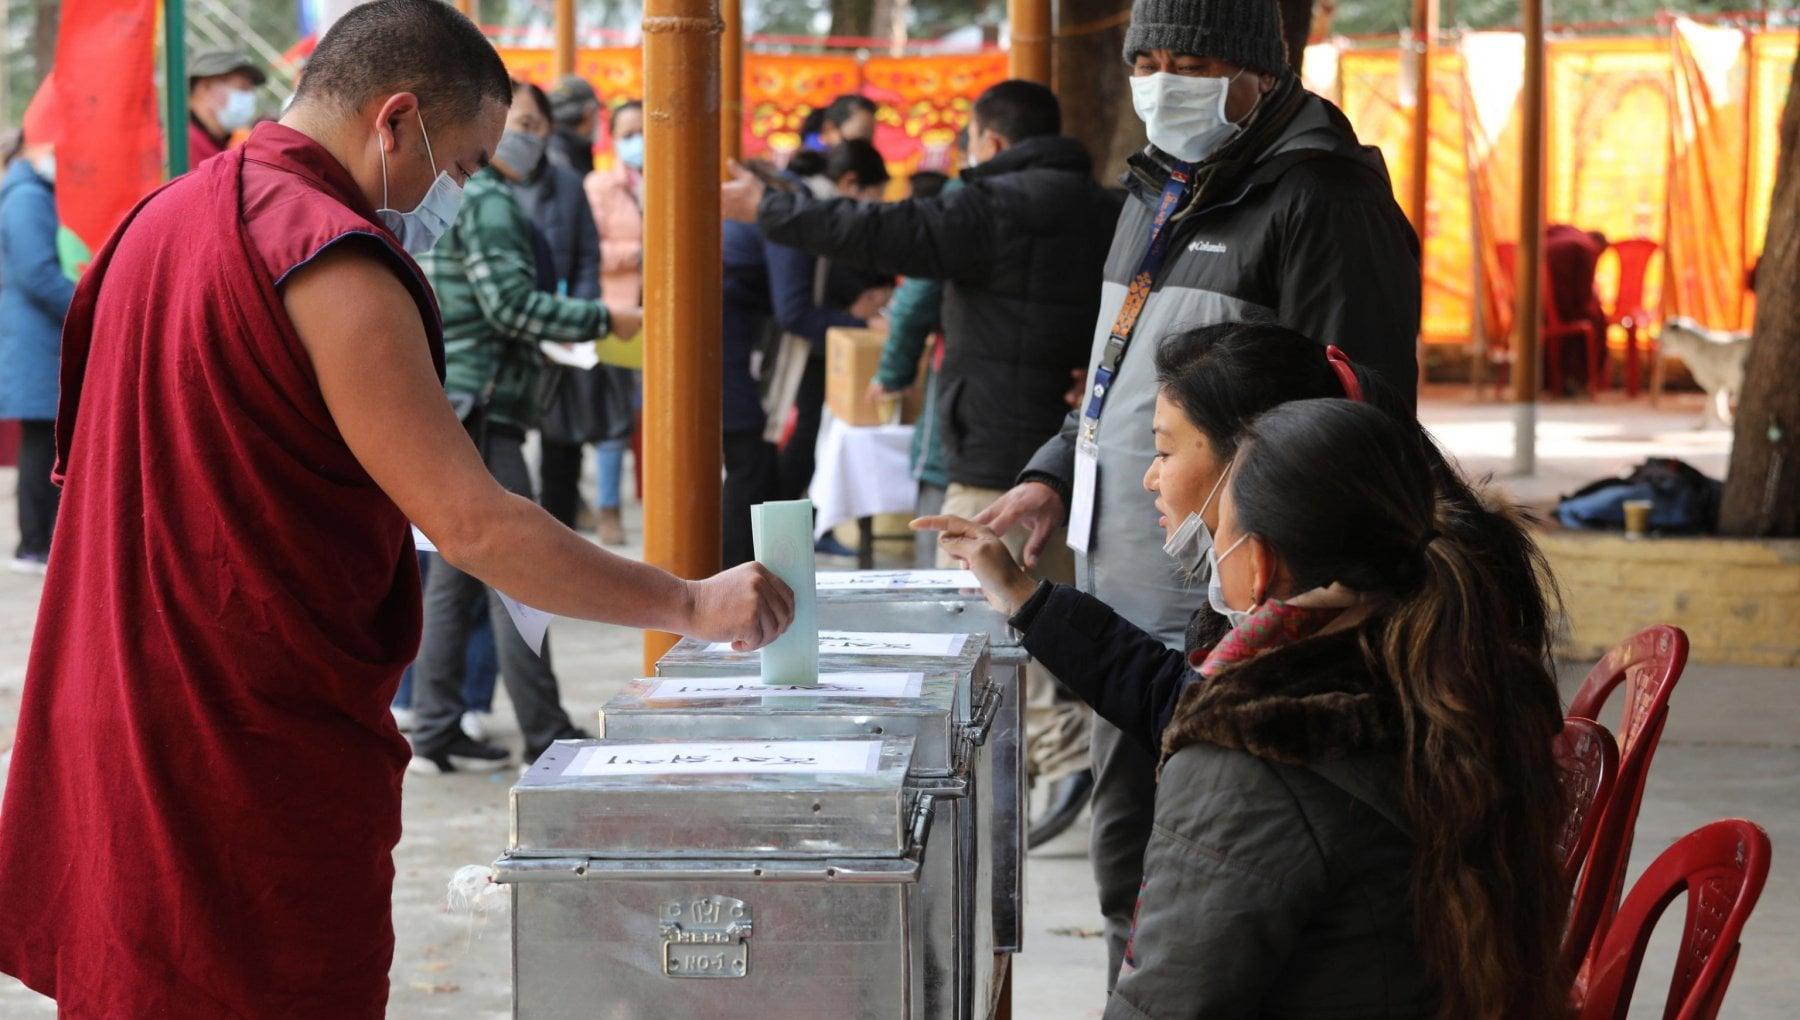 092441670 ecf2553e 0305 4d5a 9356 d28f8ca0738e - L'ombra della Cina sul voto dei tibetani in esilio